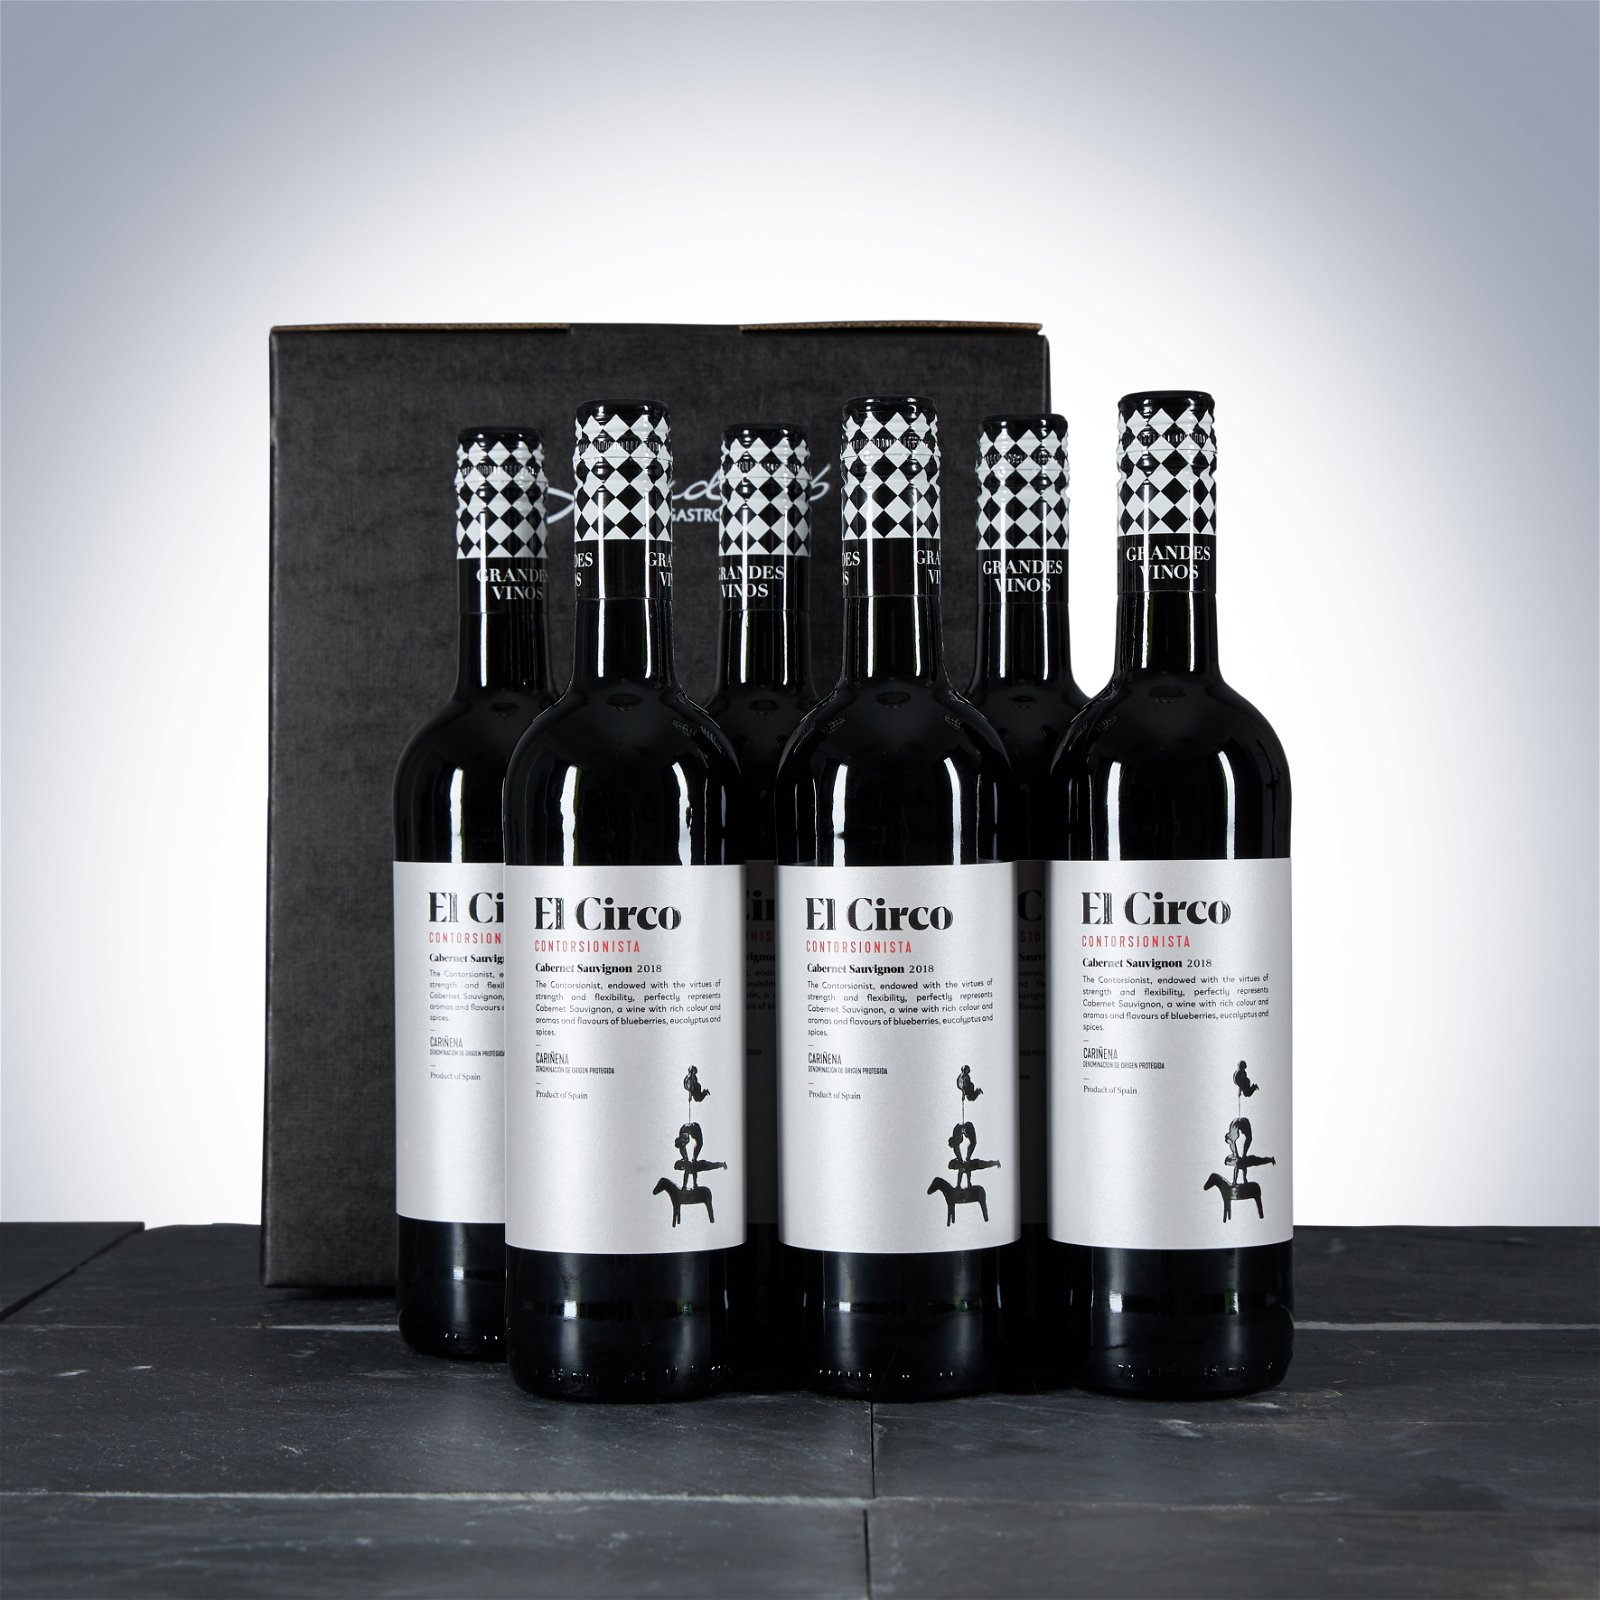 Laudrup Vin Cabernet Sauvignon til jul, 6 fl.